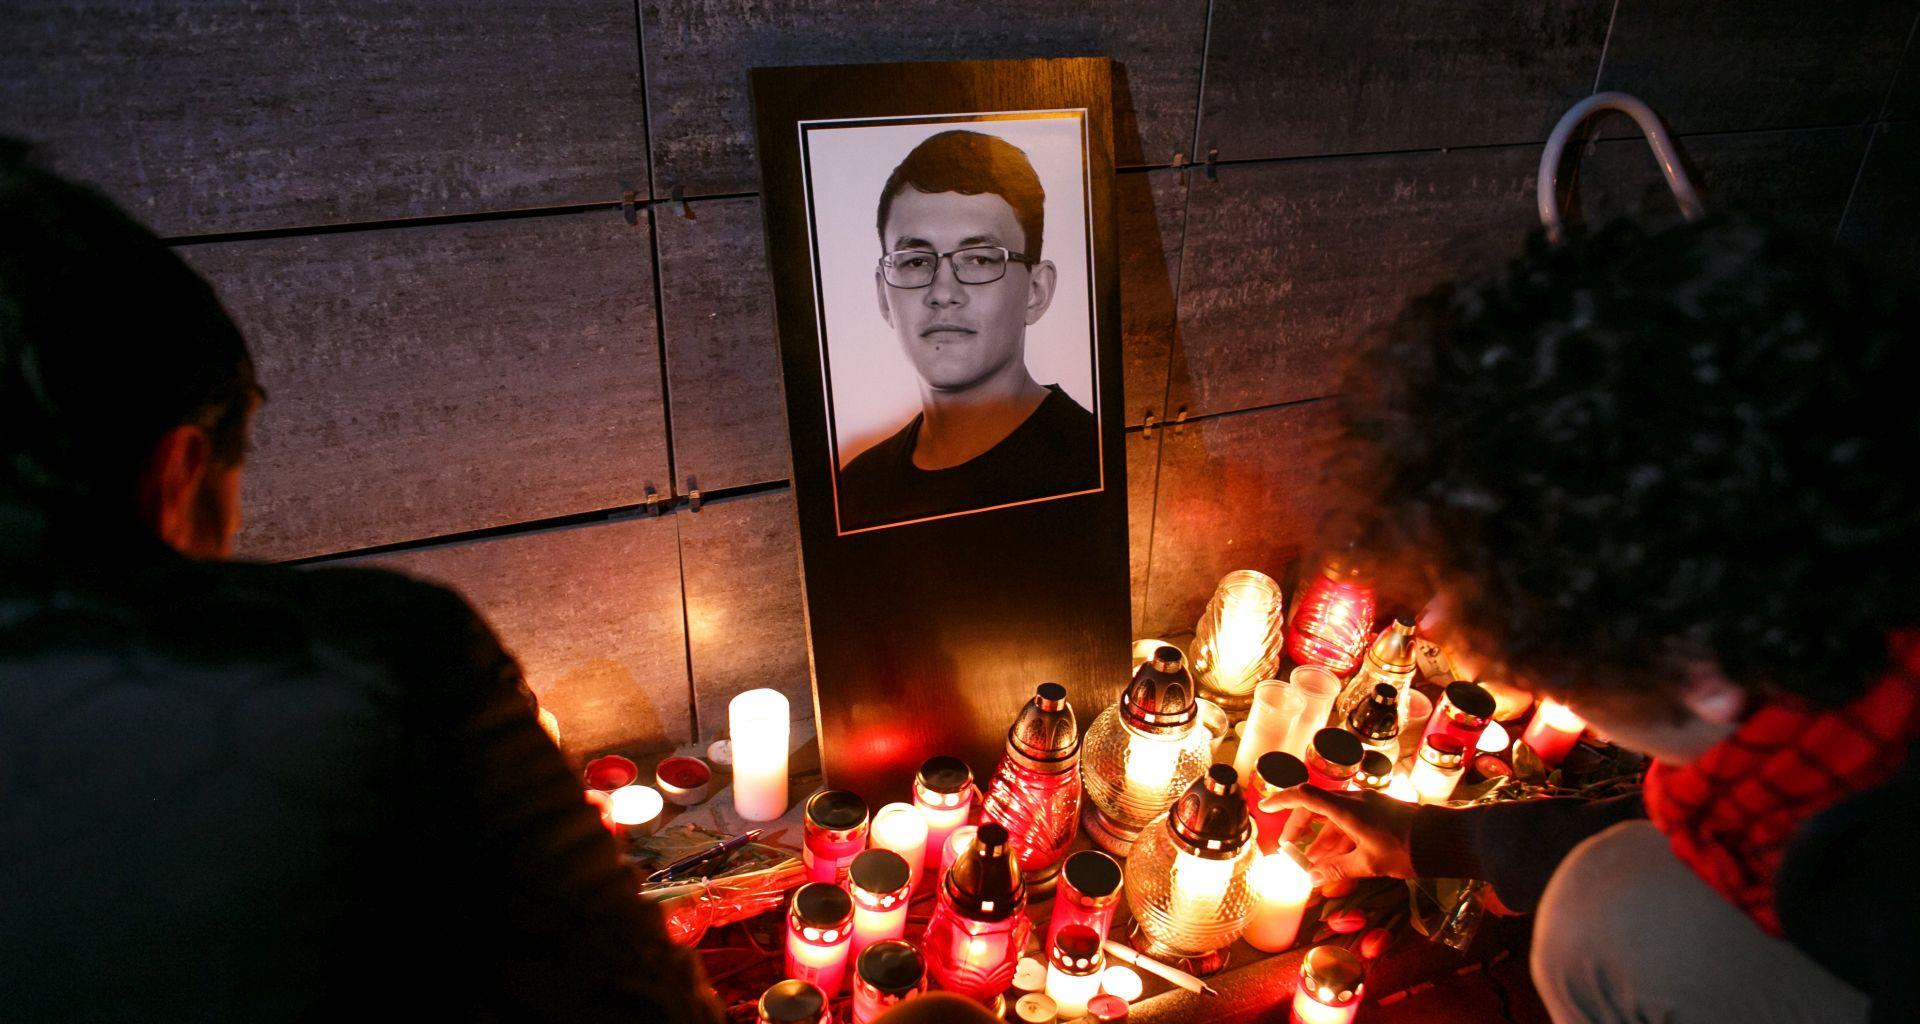 Slovački ministar kulture podnio ostavku zbog ubojstva novinara